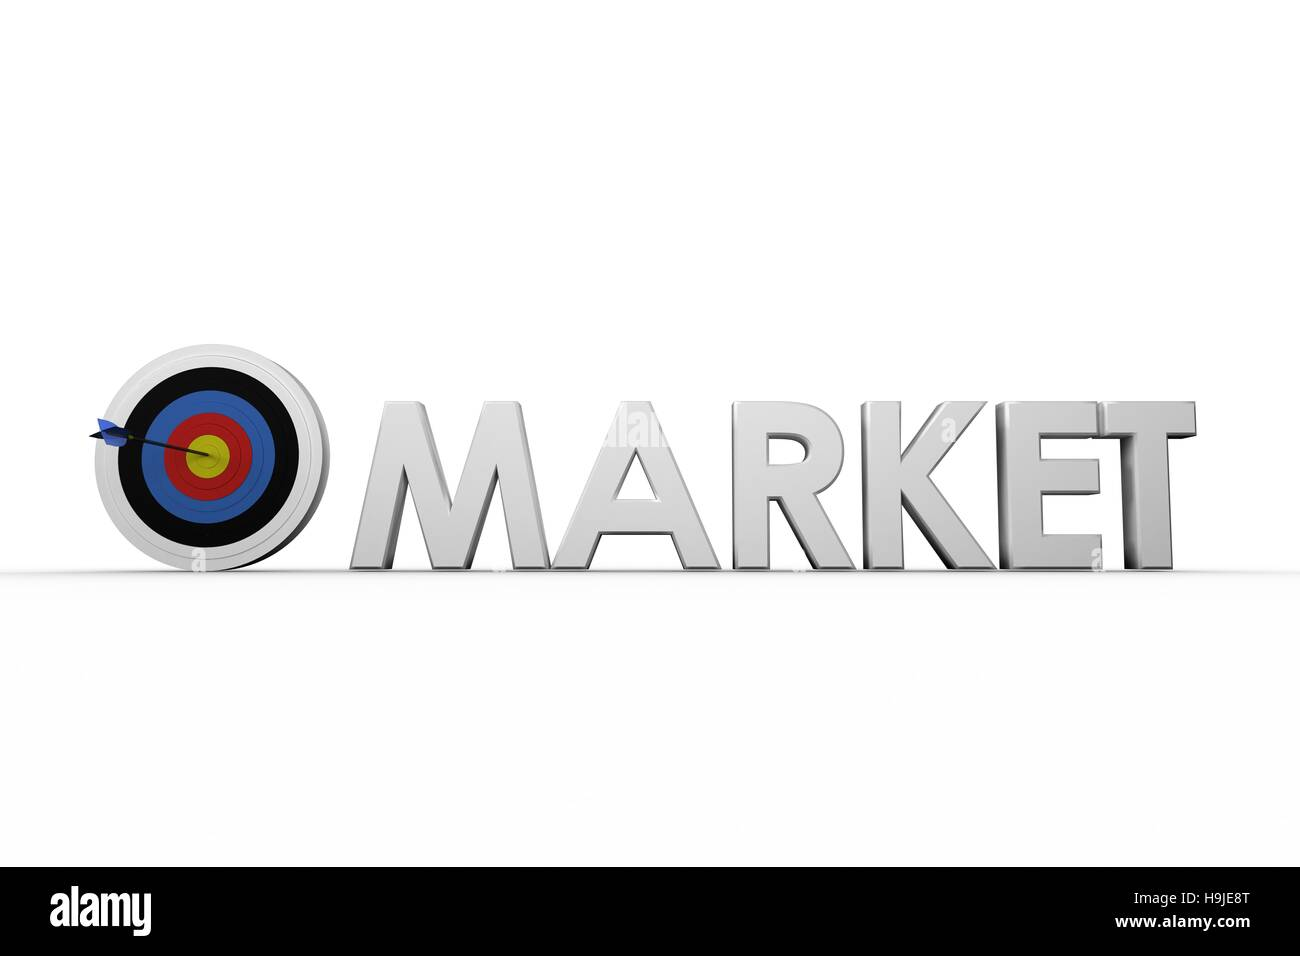 Anschauliches Bild von dem Wort Markt Stockbild